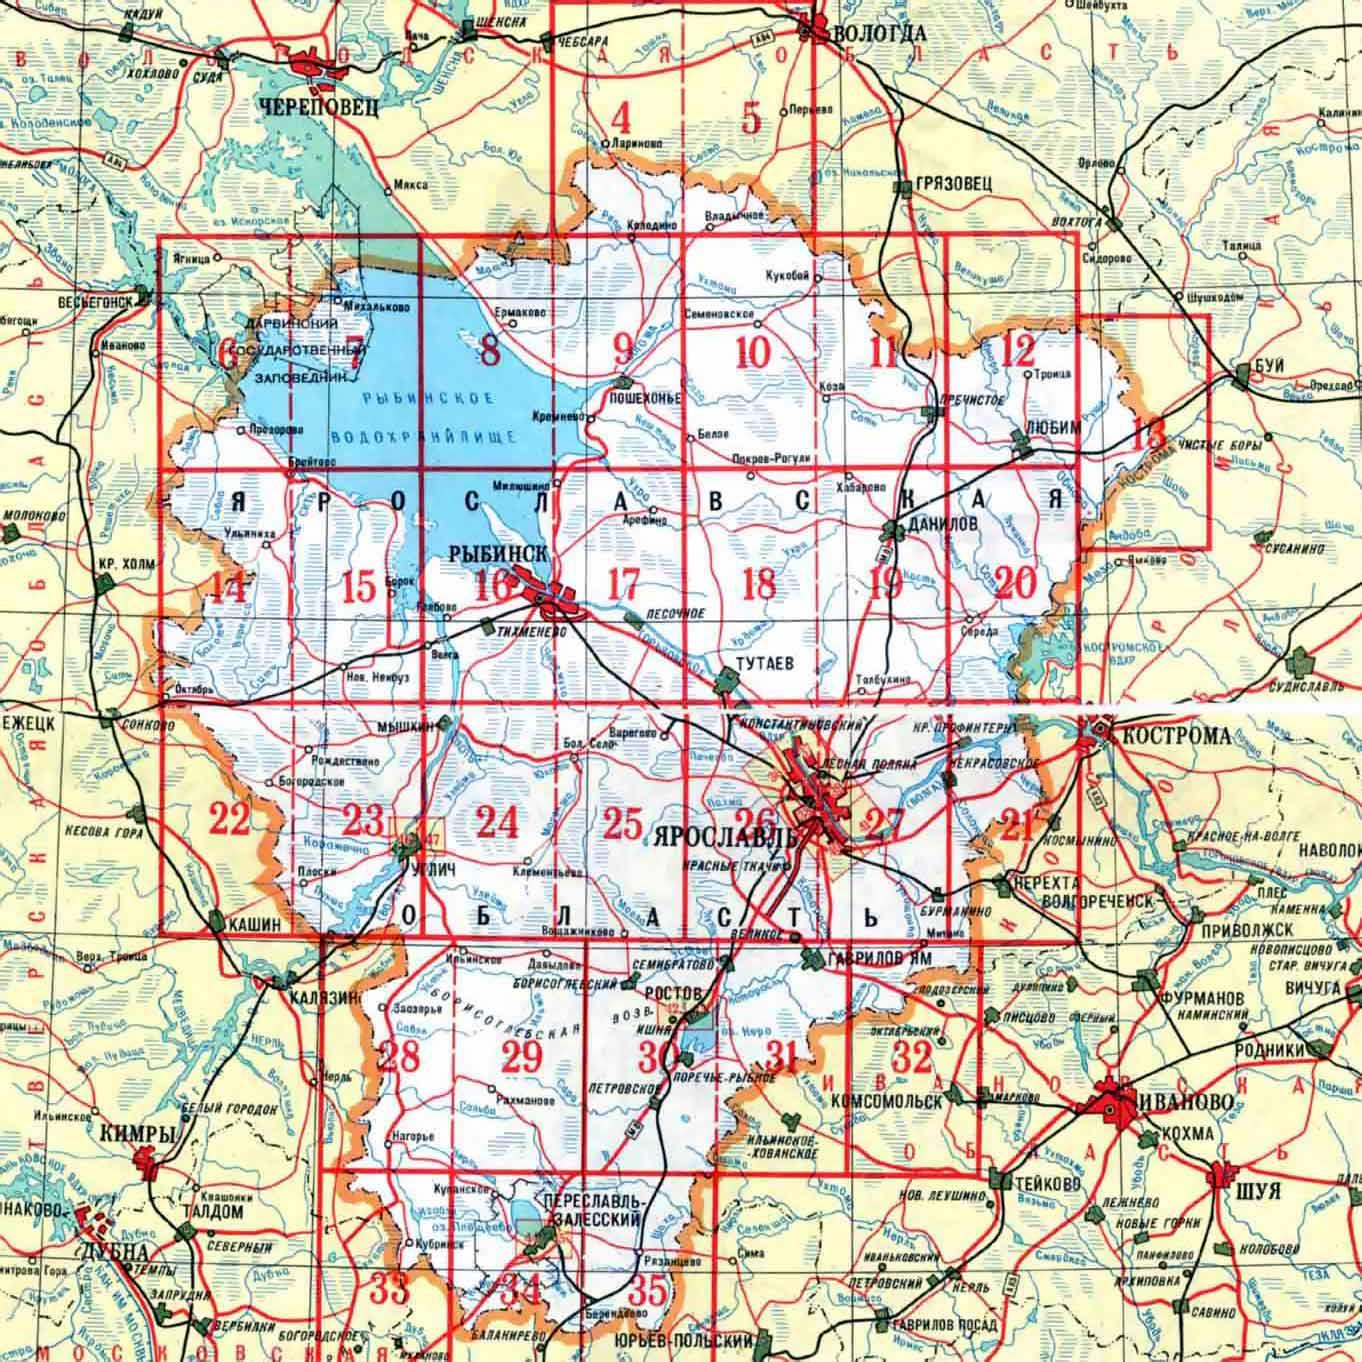 Ярославль где находится на карте